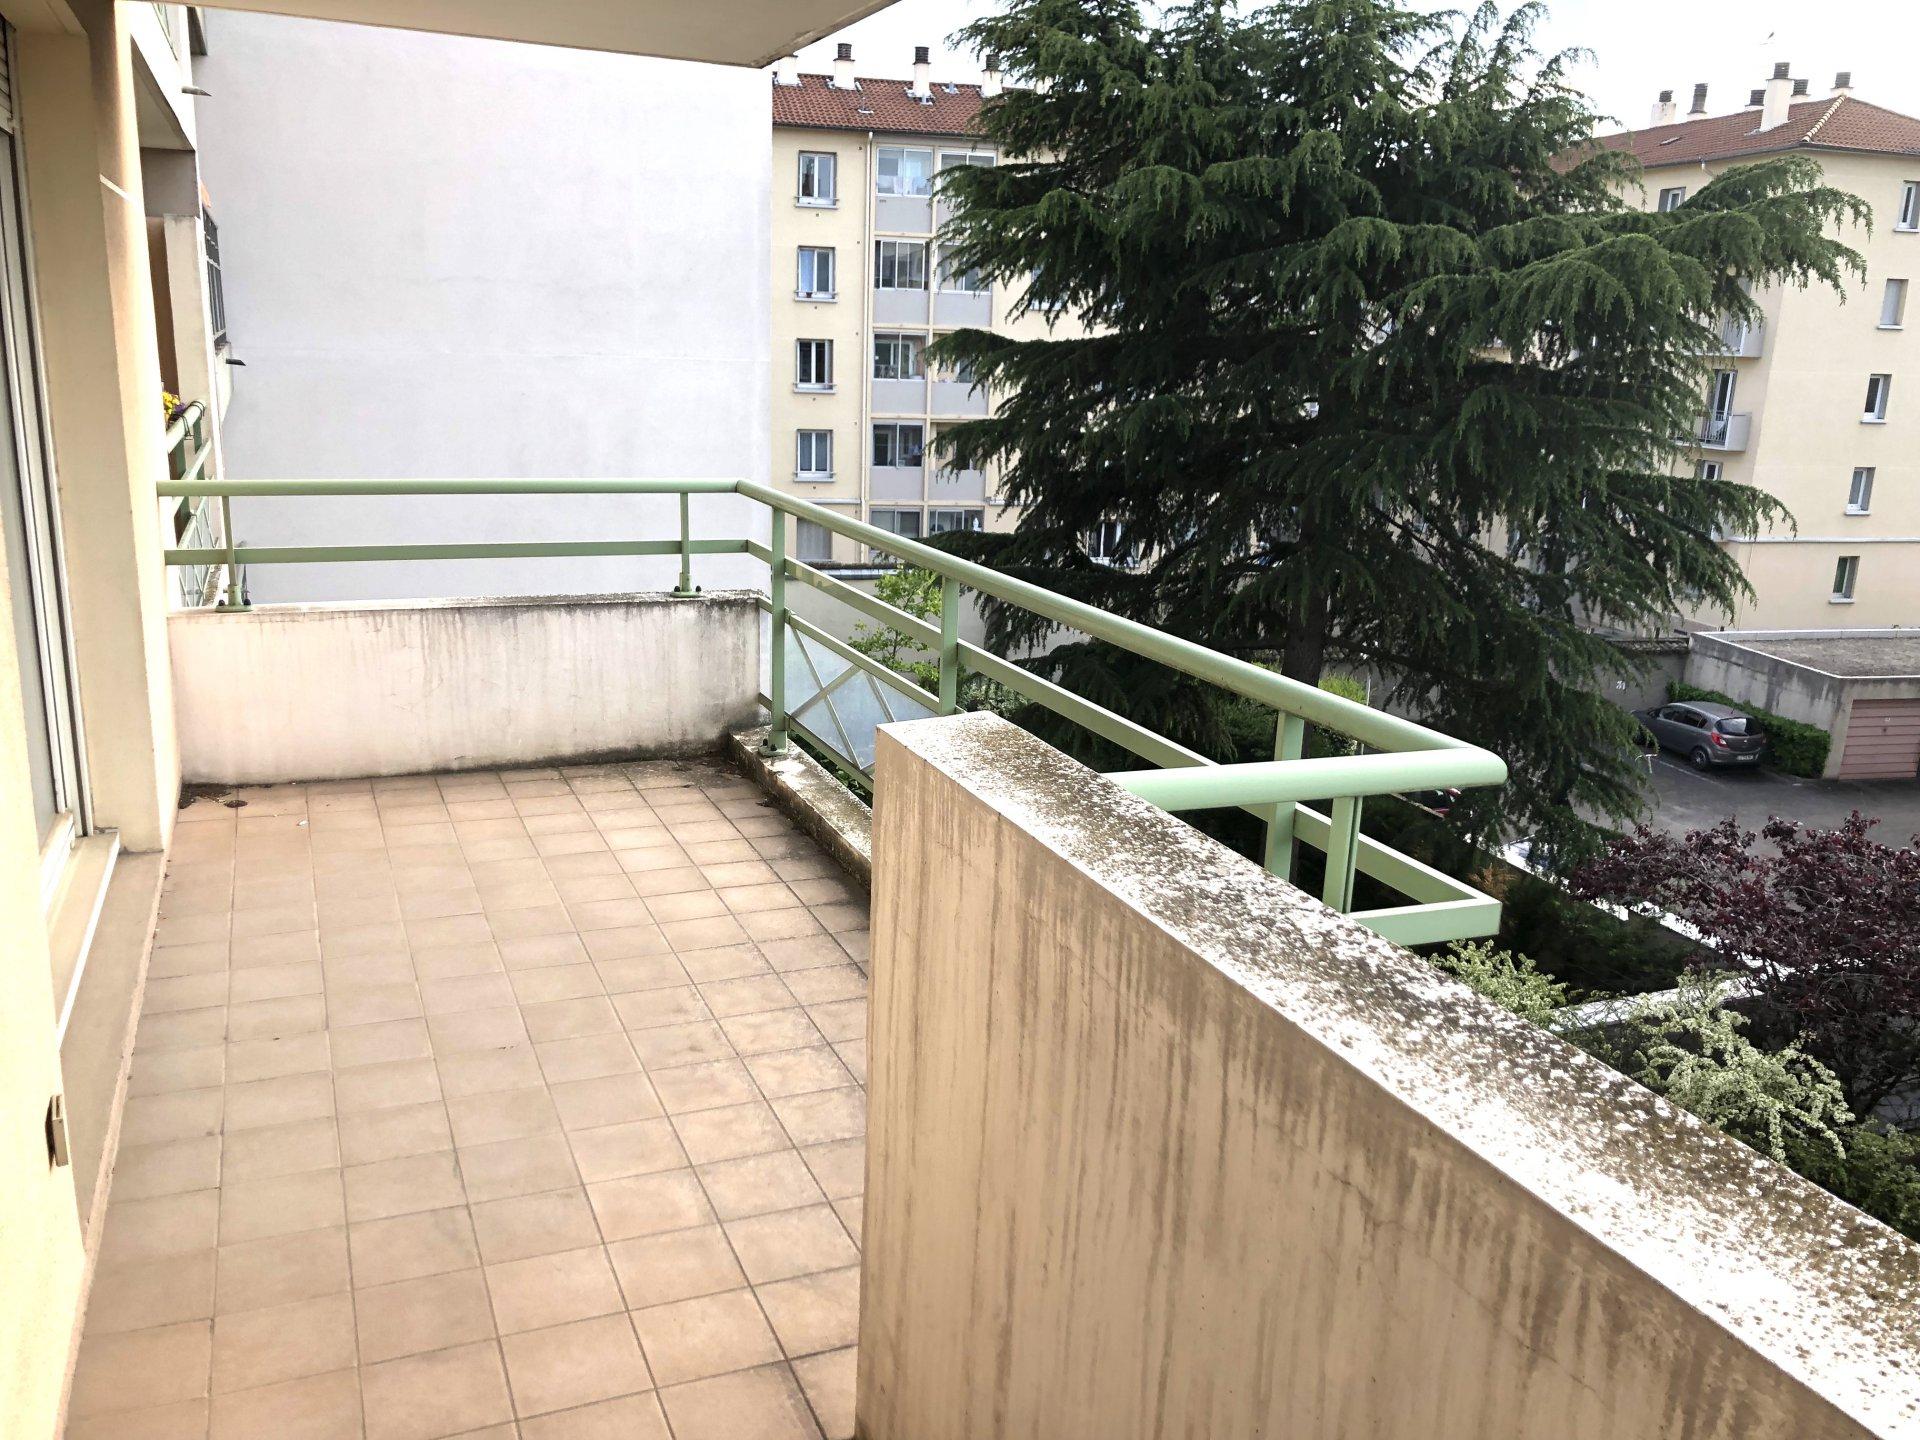 MONPLAISIR - Joli T3 de 67 m2 avec balcon de 8 m2